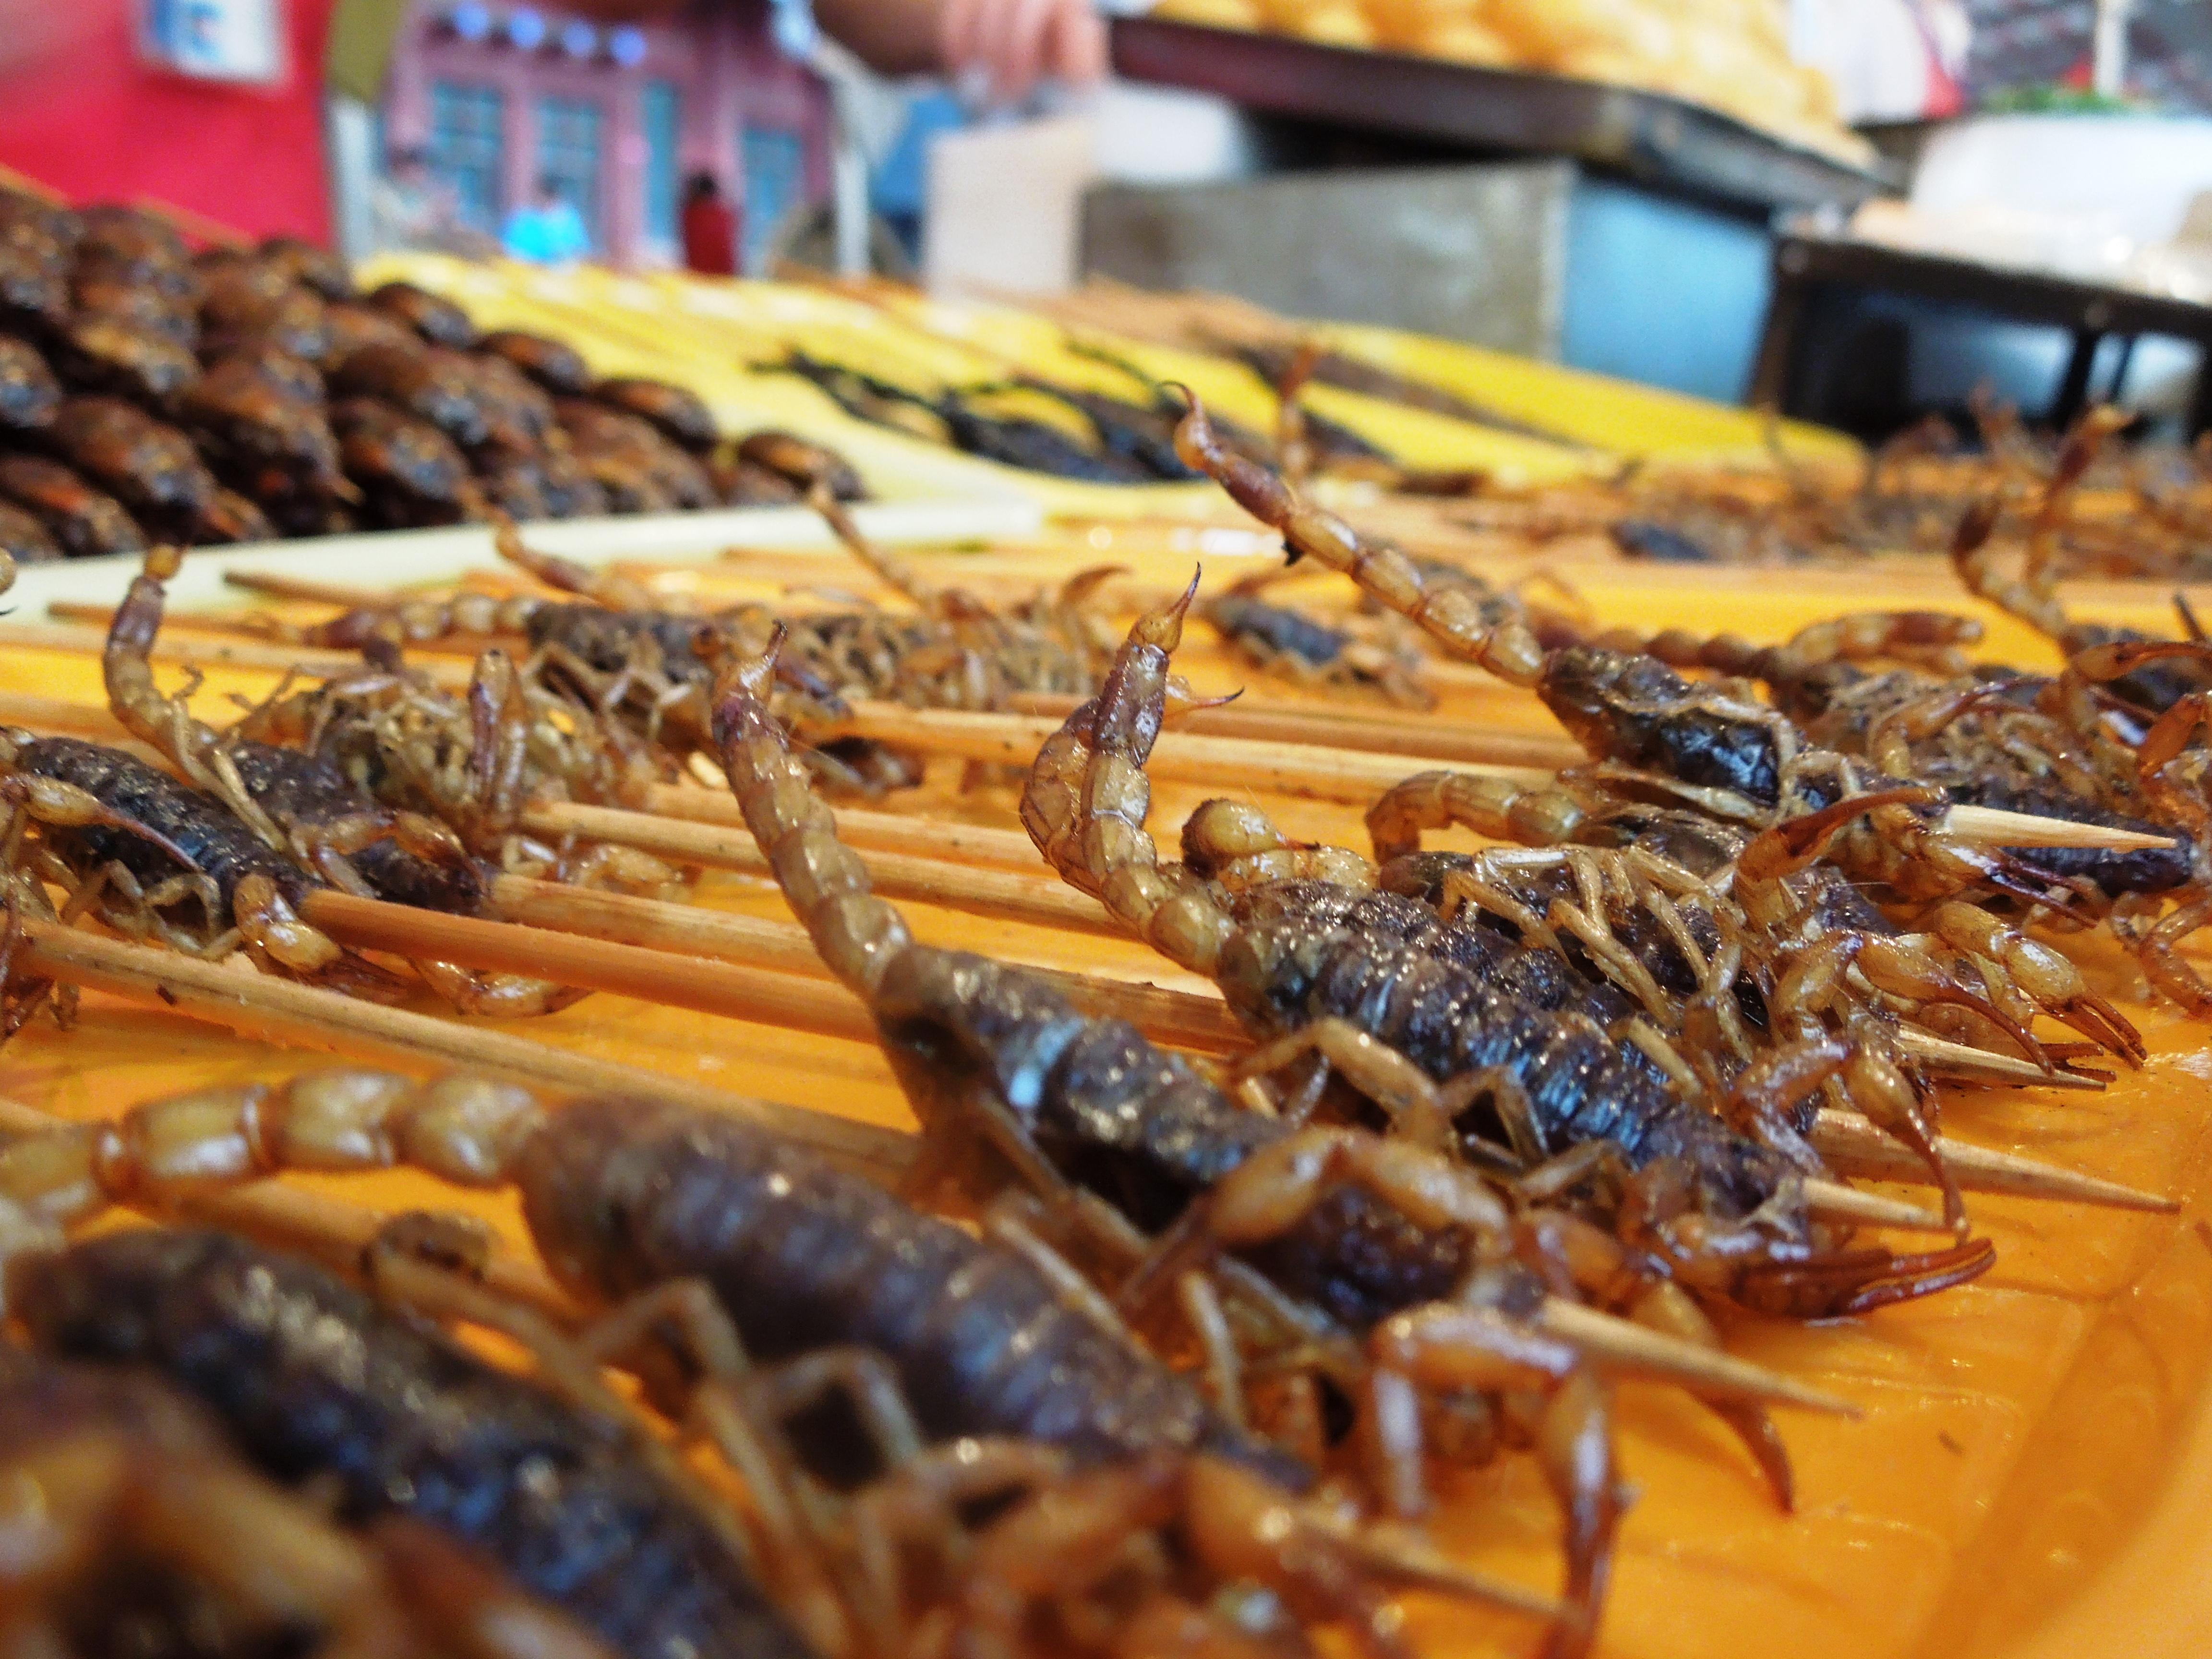 Win money or eat bugs beijing